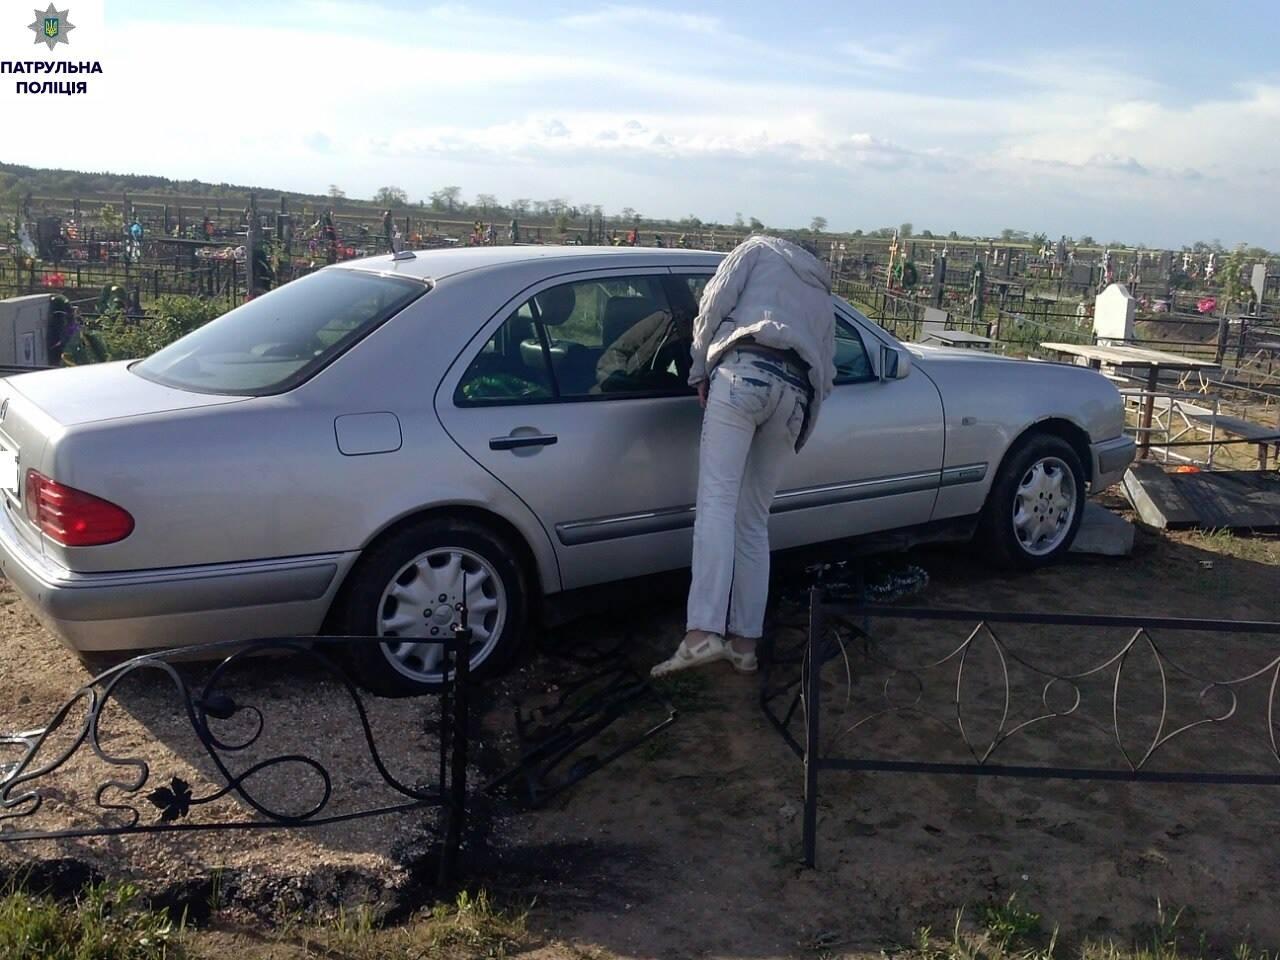 У Миколаєві п'яна жінка знесла надгробну плиту